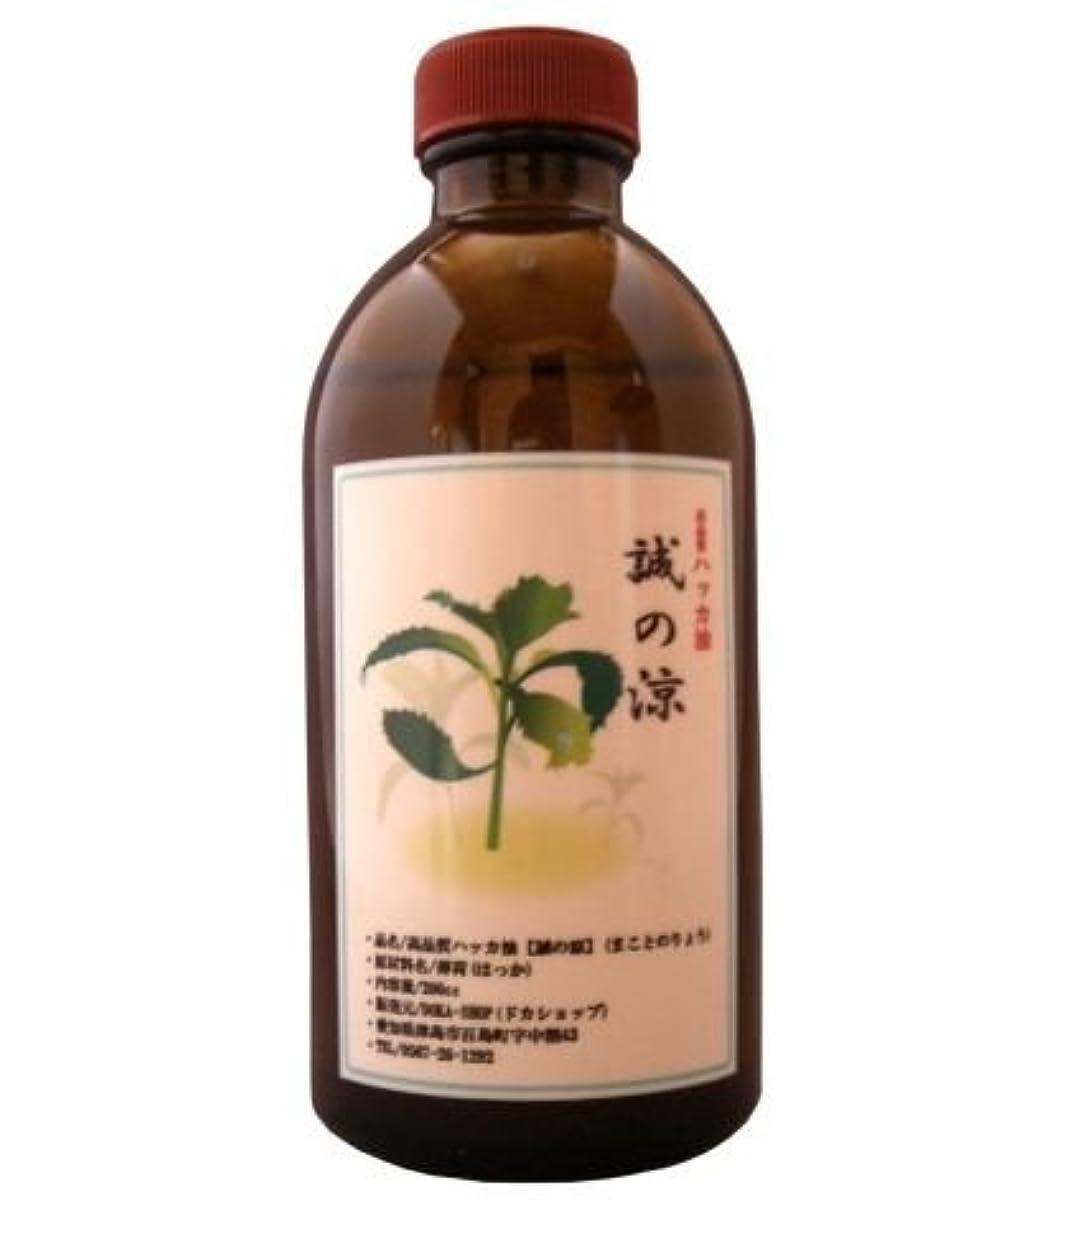 残高変形移植DOKA-SHOP 誠の涼(まことのりょう) ハッカ精油100% 200cc